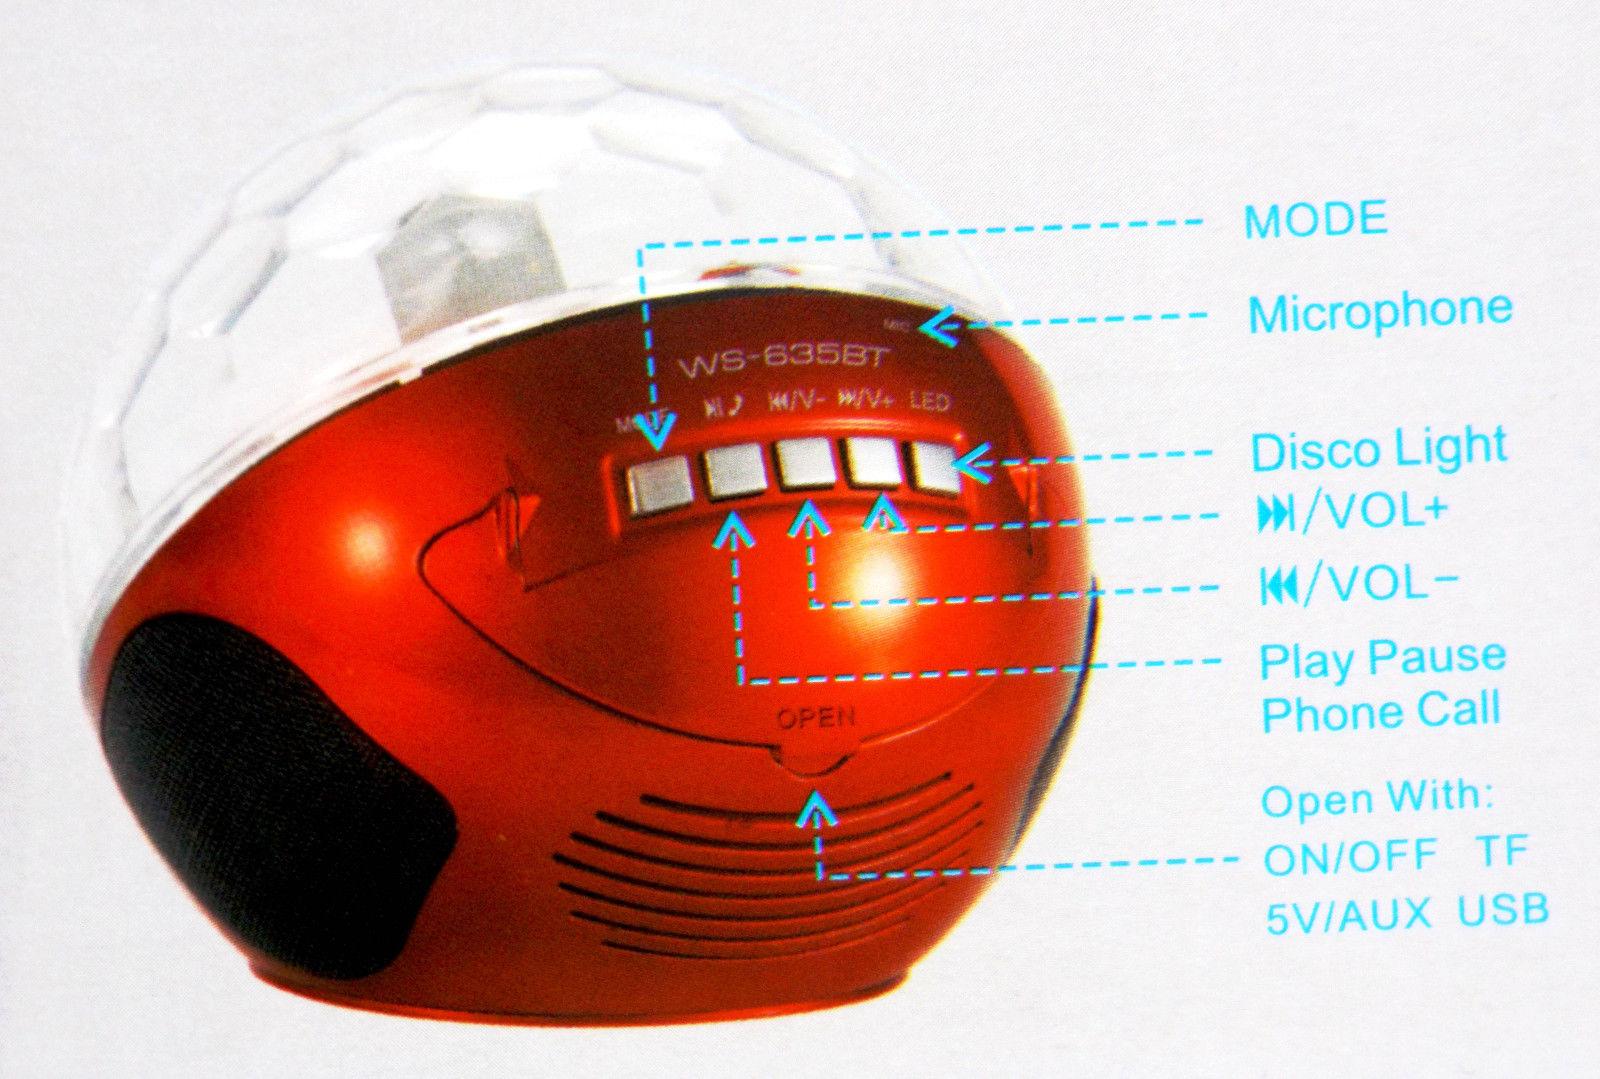 Λάμπα led επαναφορτιζόμενη έγχρωμη Bluetooth και Mp3 Player κόκκινη OEM WS-635BT